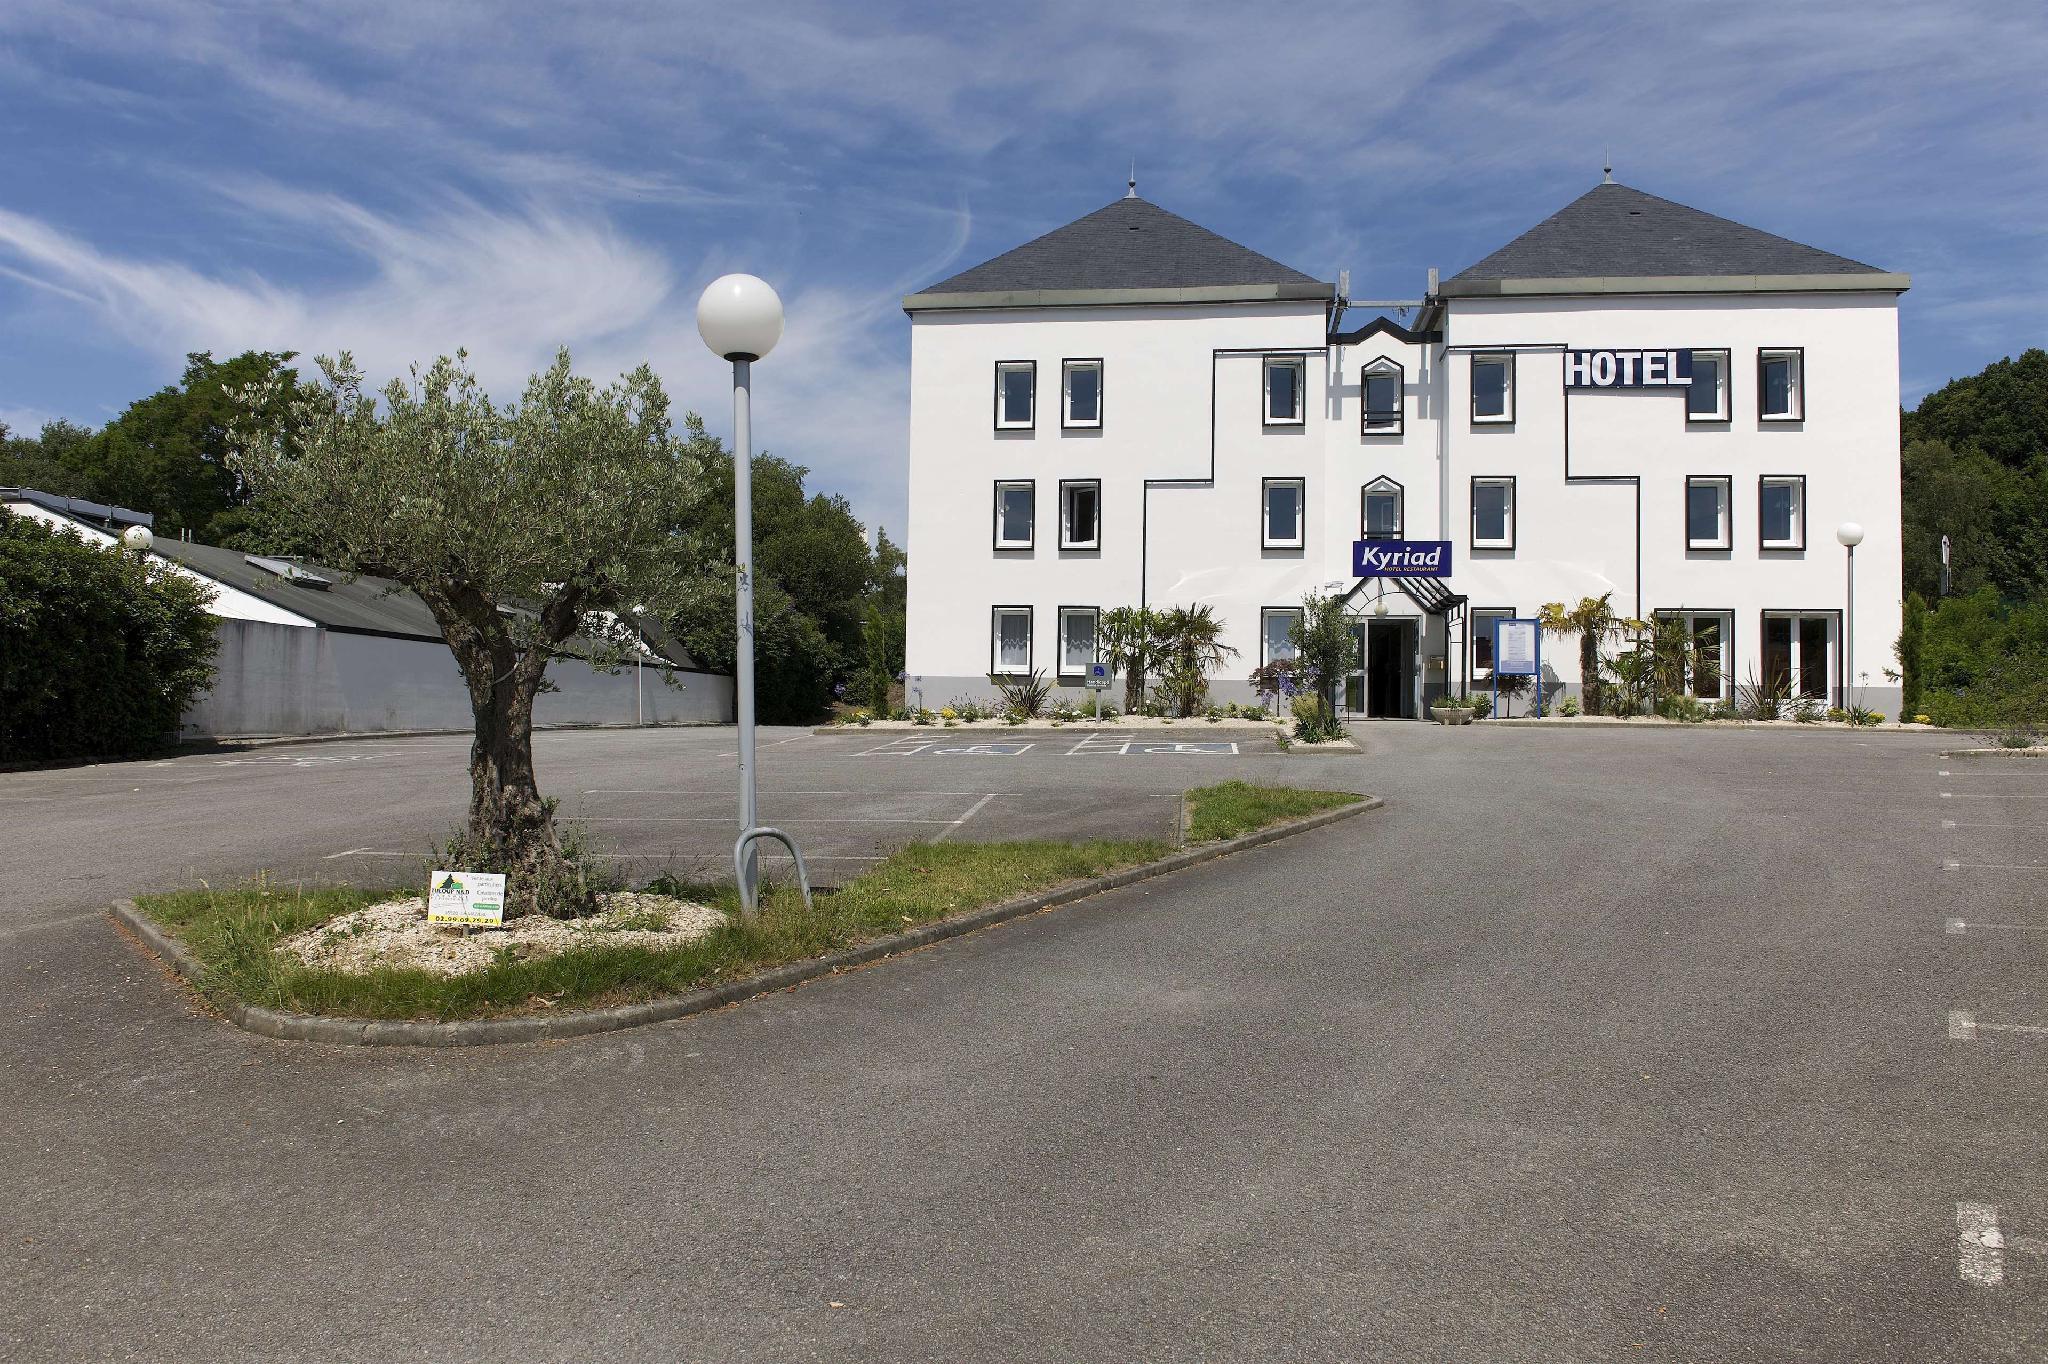 Kyriad Quimper Sud Hotel